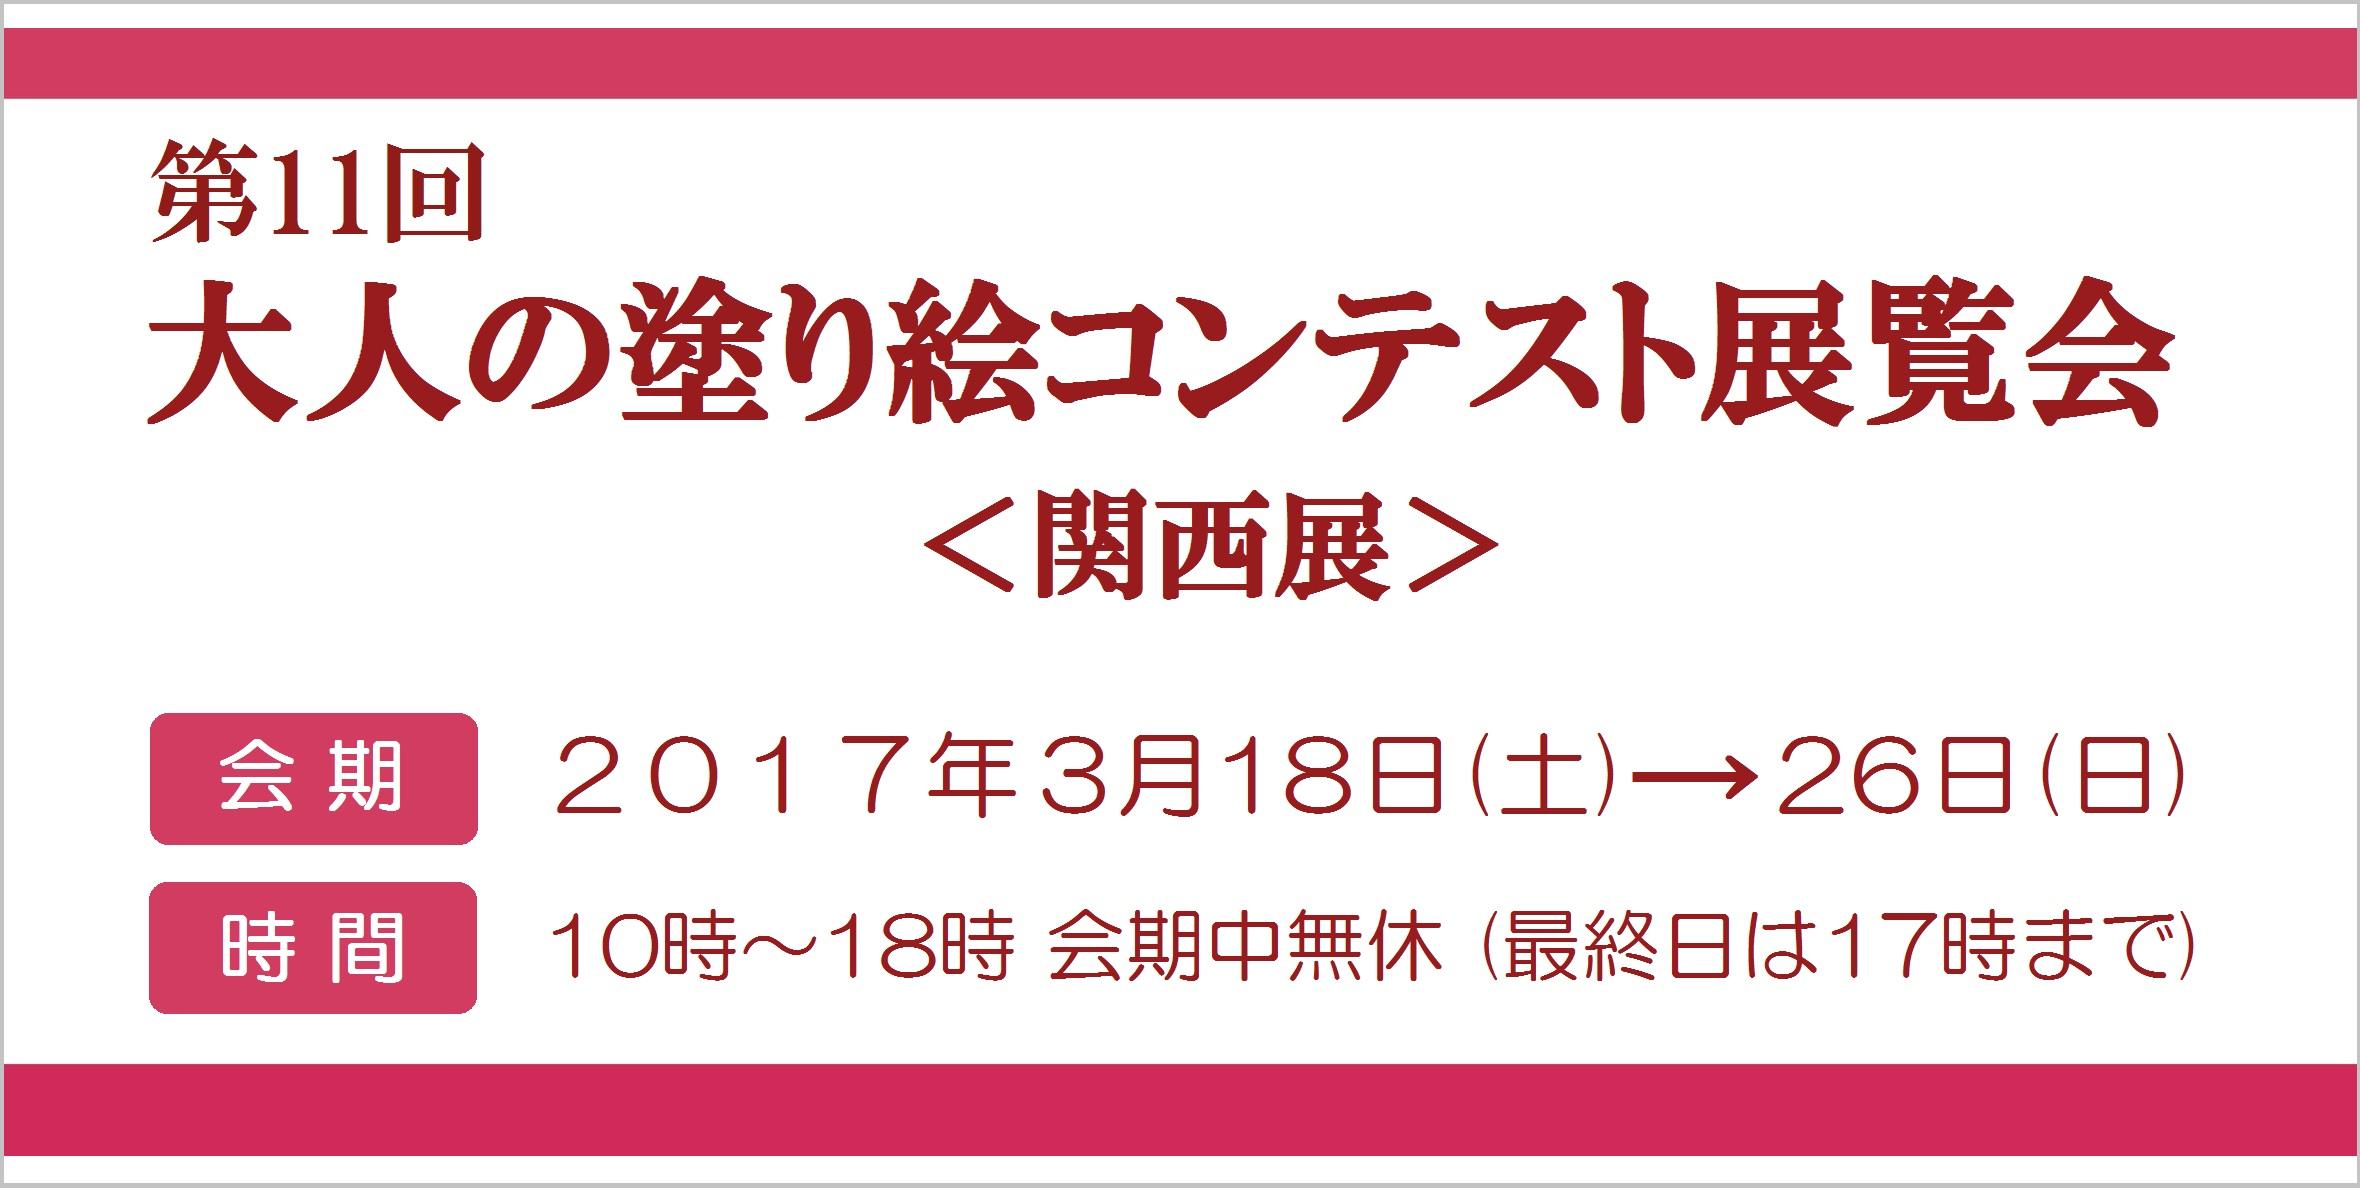 第11回大人の塗り絵コンテスト展覧会<関西展>